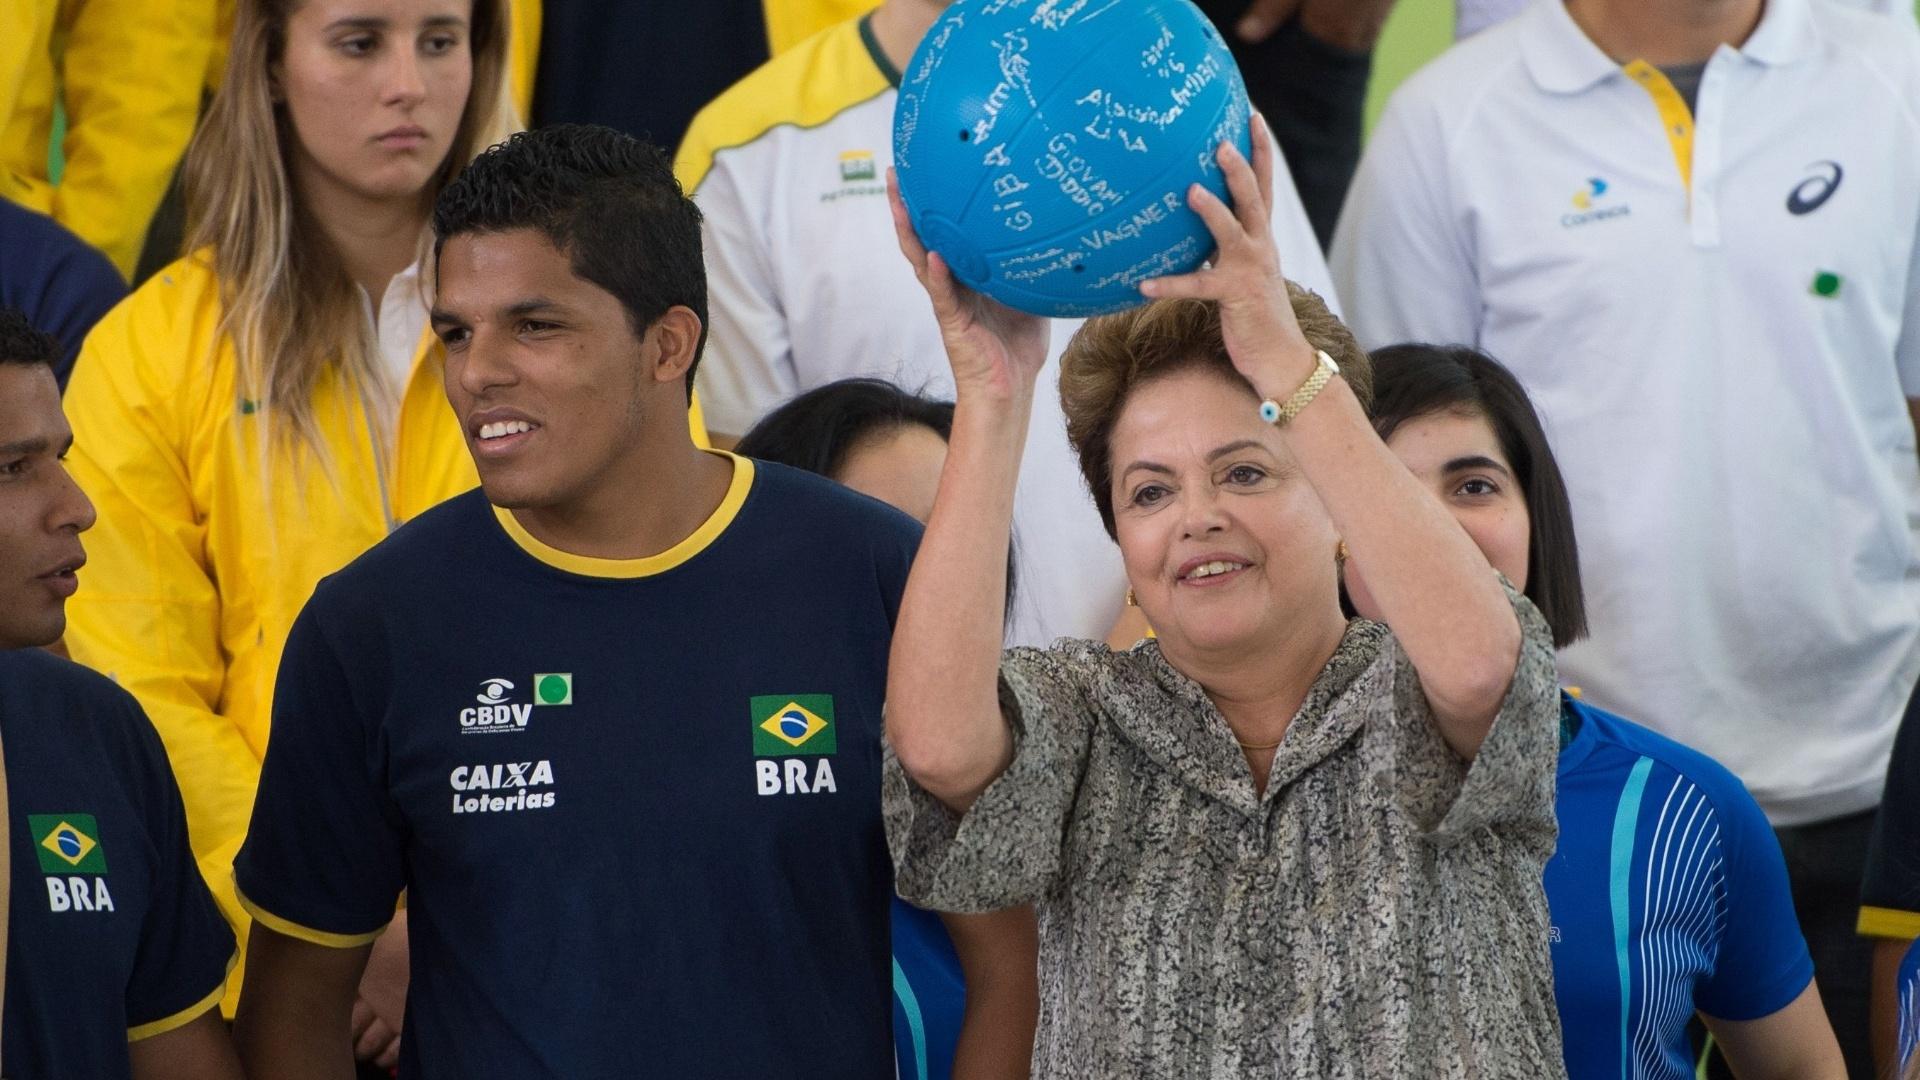 19.set.2014 - Presidente Dilma Rousseff segura uma bola durante encontro com atletas nesta sexta-feira (19) no Palácio do Planalto, em Brasília. Dilma recebeu 60 jovens atletas que se destacaram em competições internacionais e se preparam para Jogos Olímpicos e Paralímpicos do Rio 2016